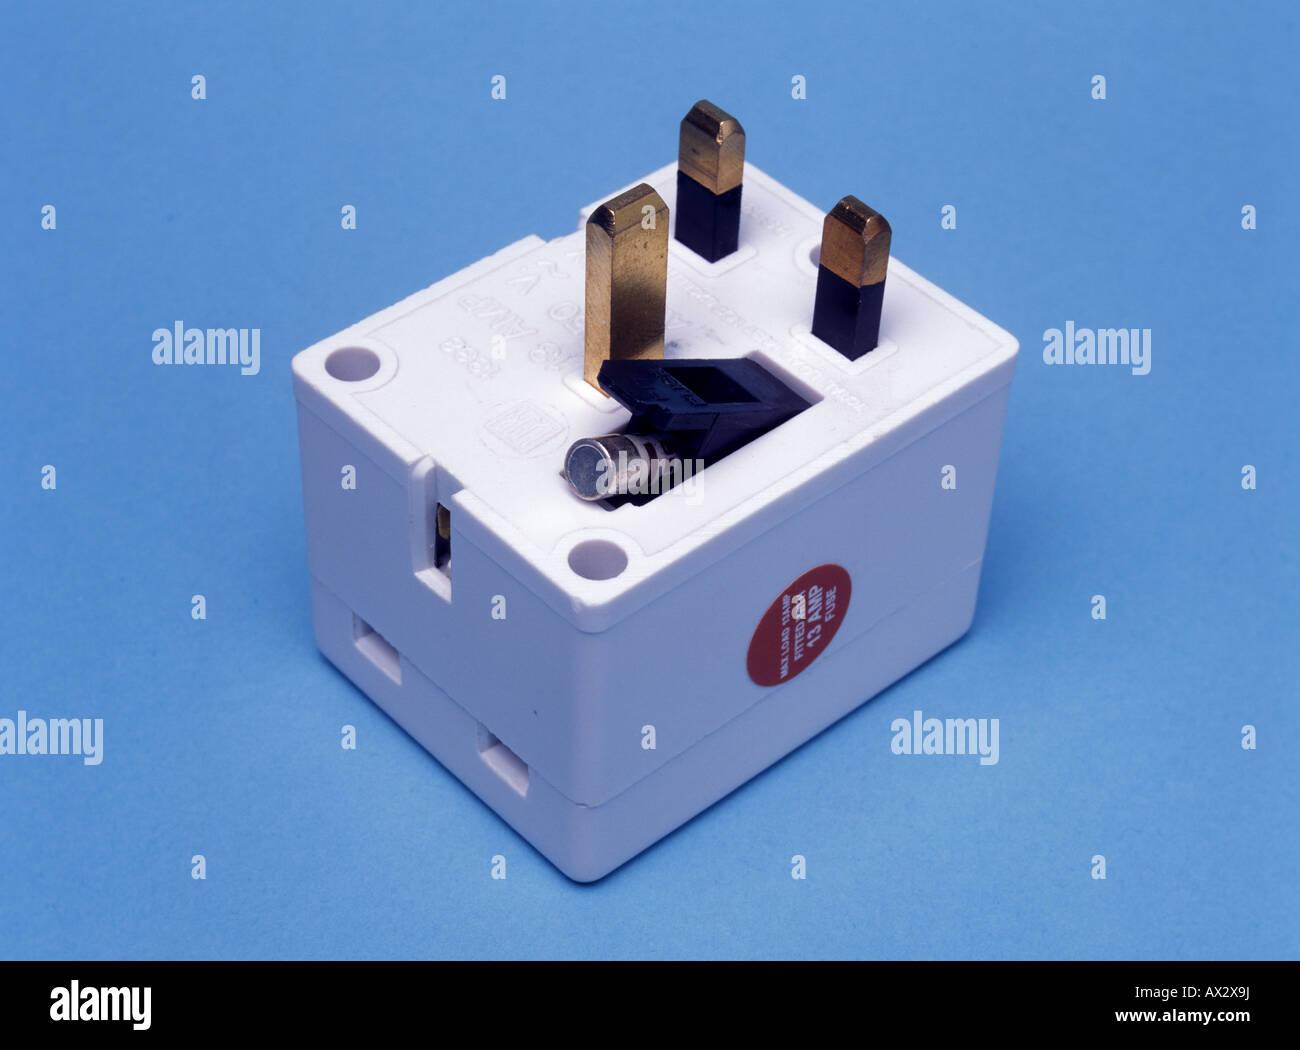 Un adaptador de enchufe de 13 amperios para el uso en UK Imagen De Stock